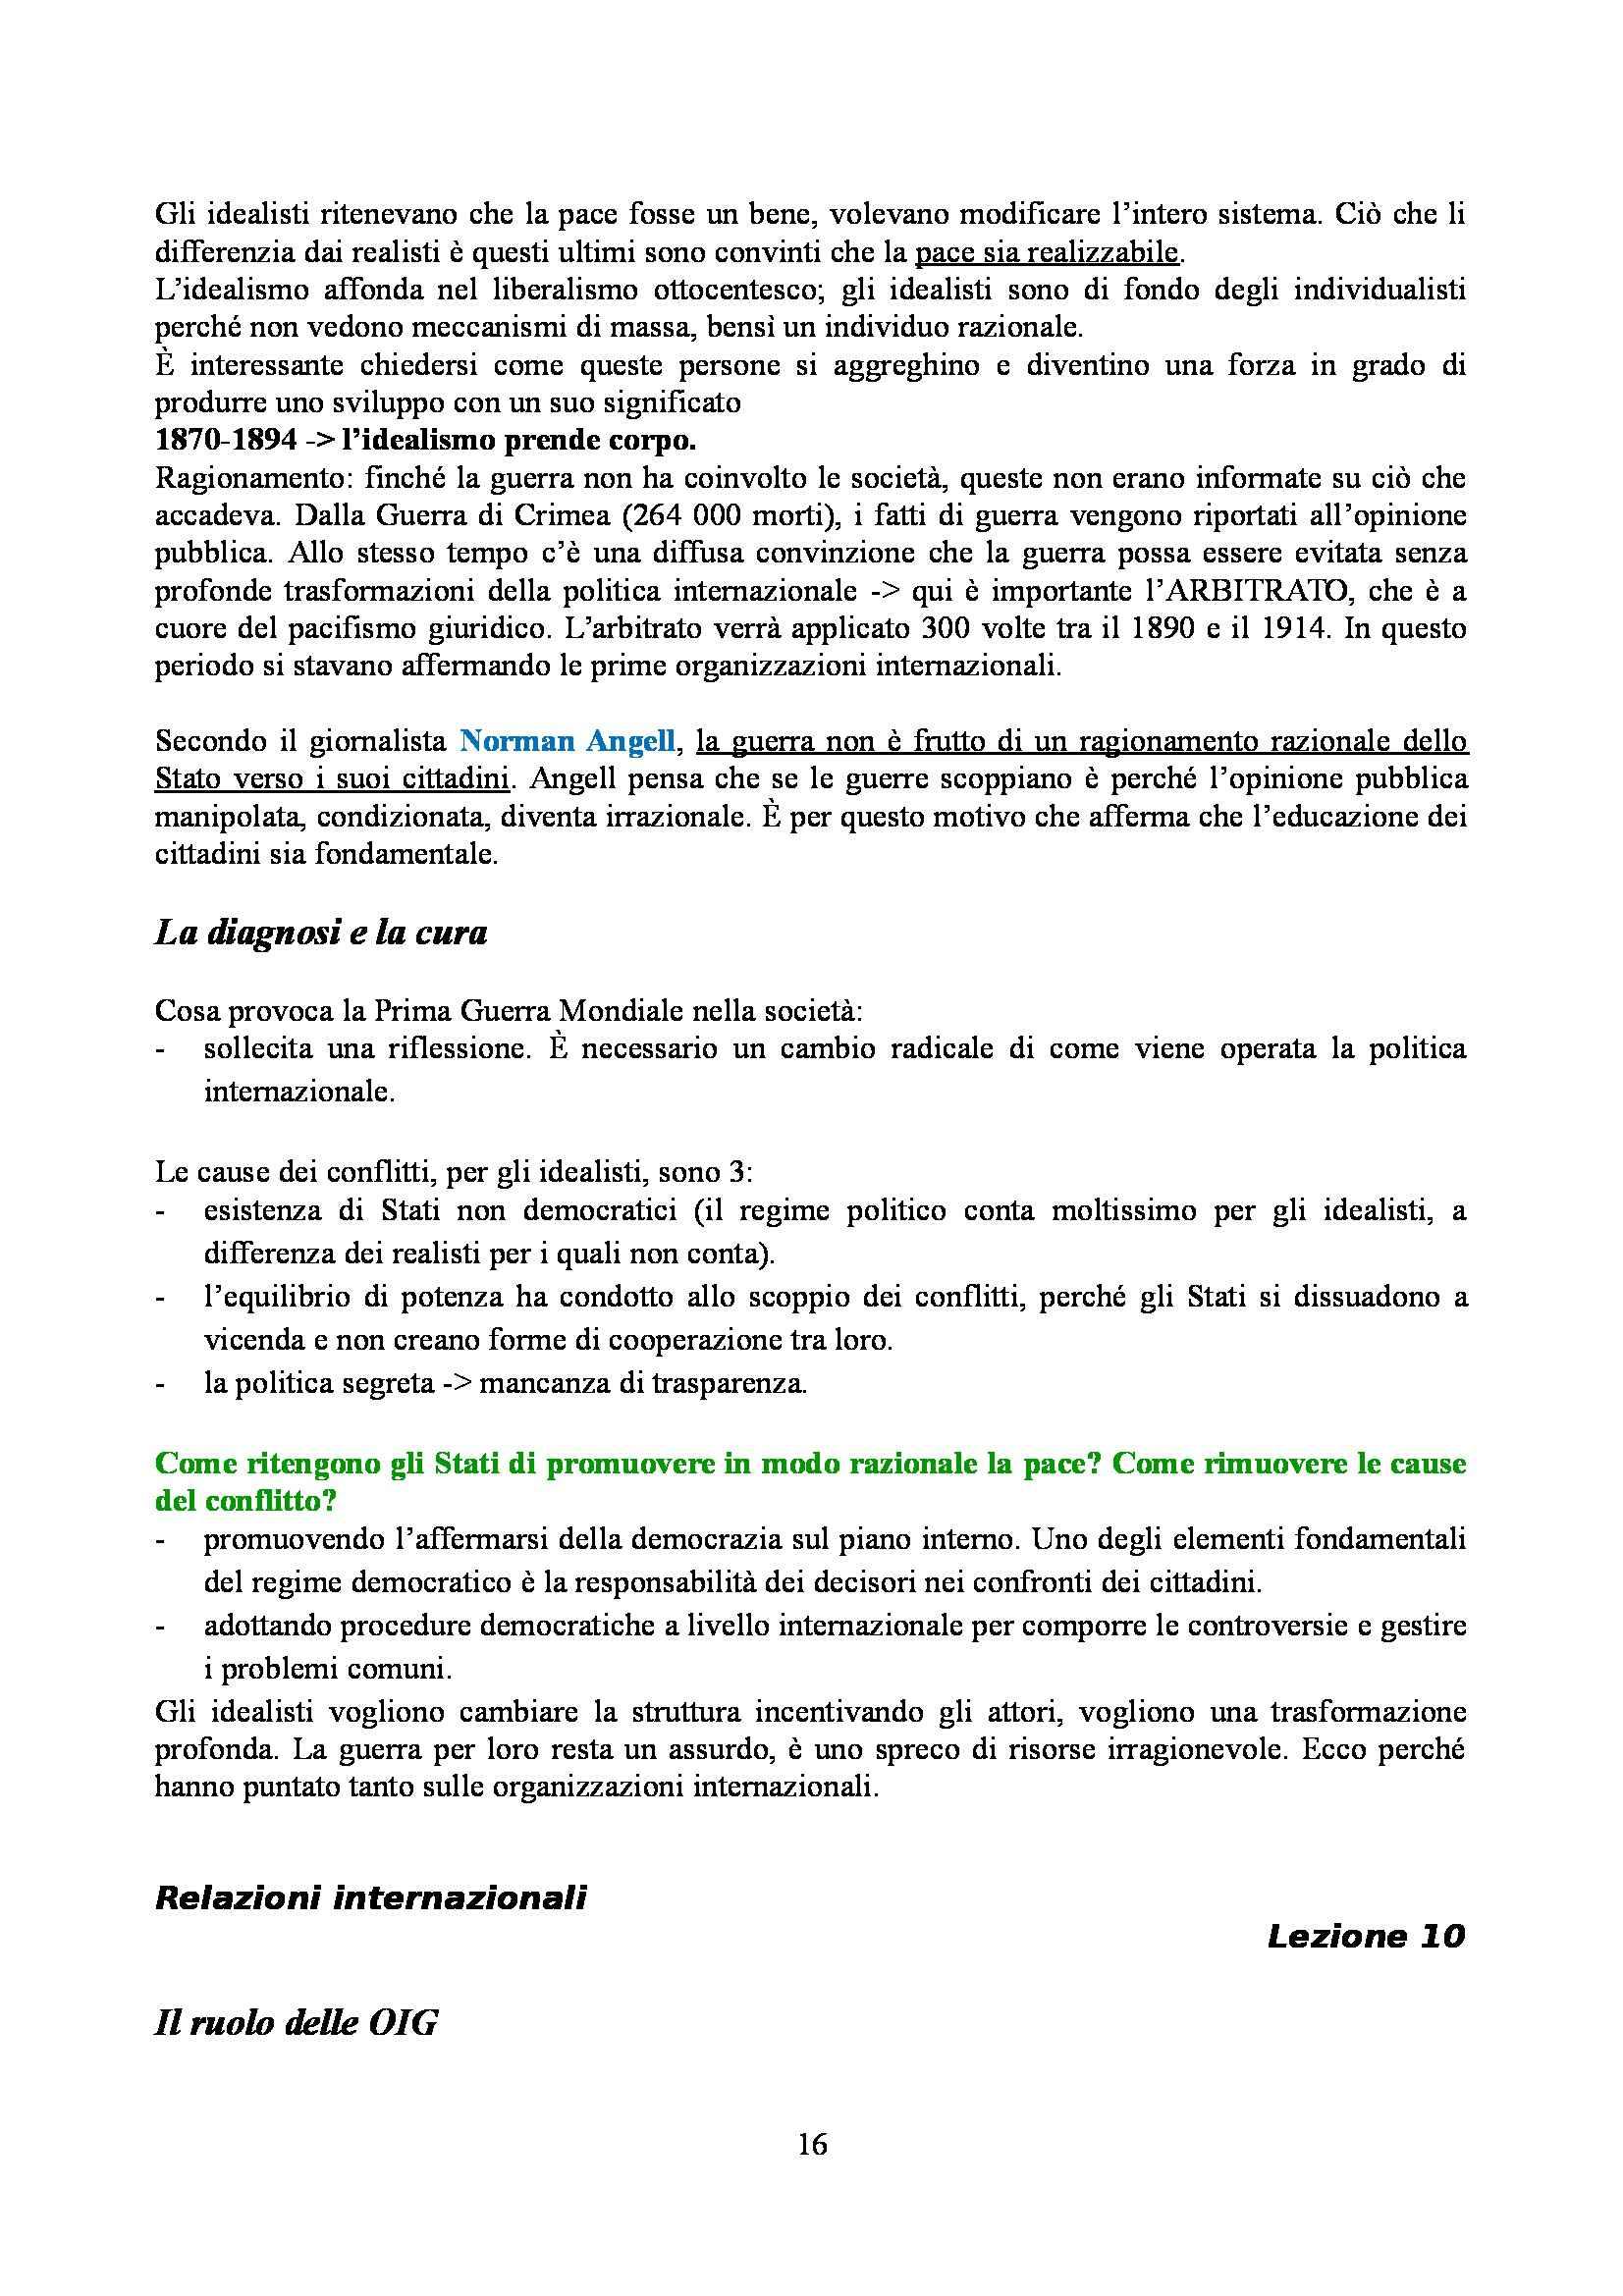 Relazioni internazionali - Appunti Pag. 16